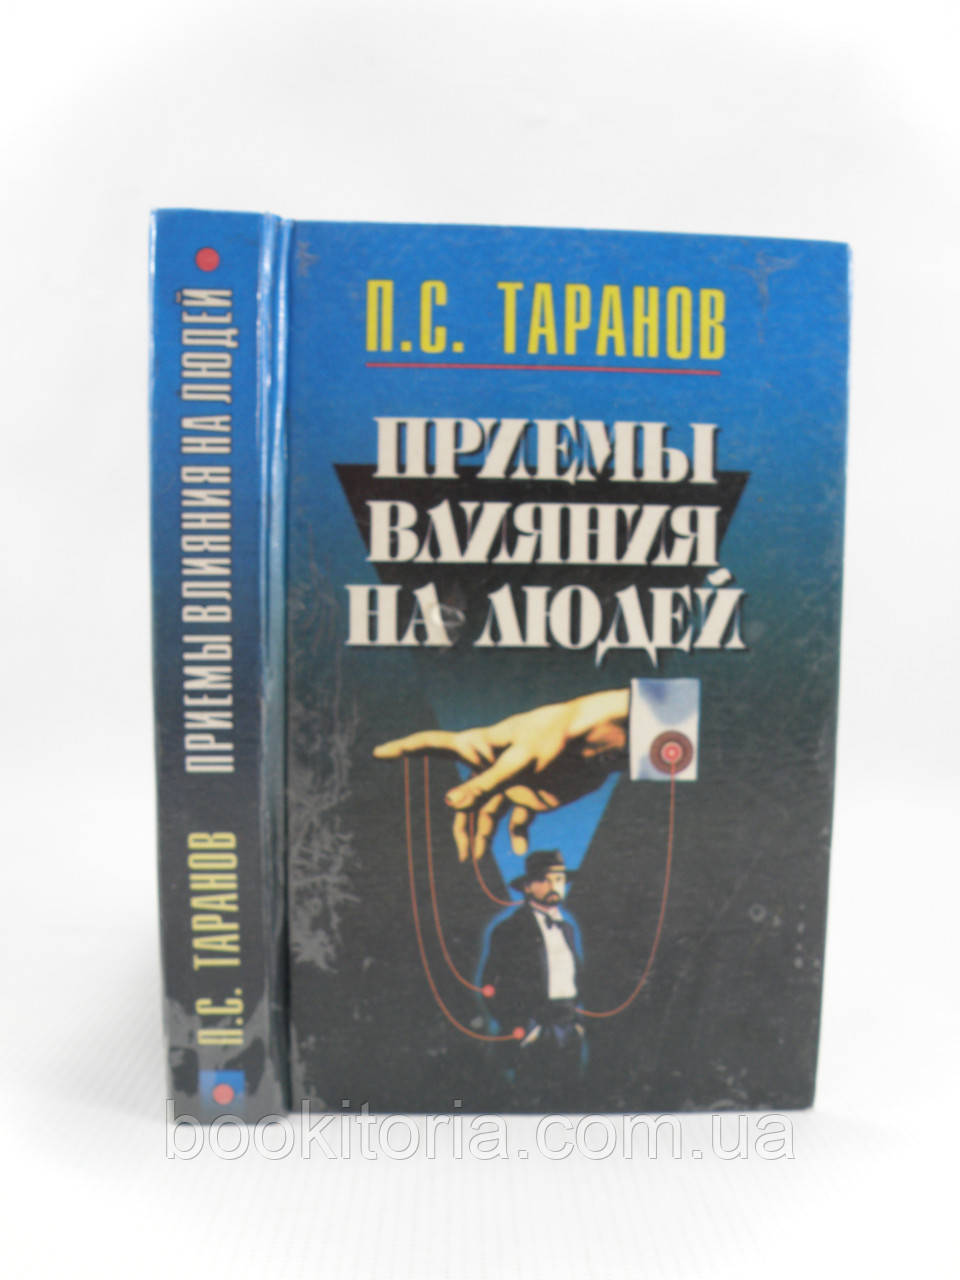 Таранов П. Приемы влияния на людей (б/у).